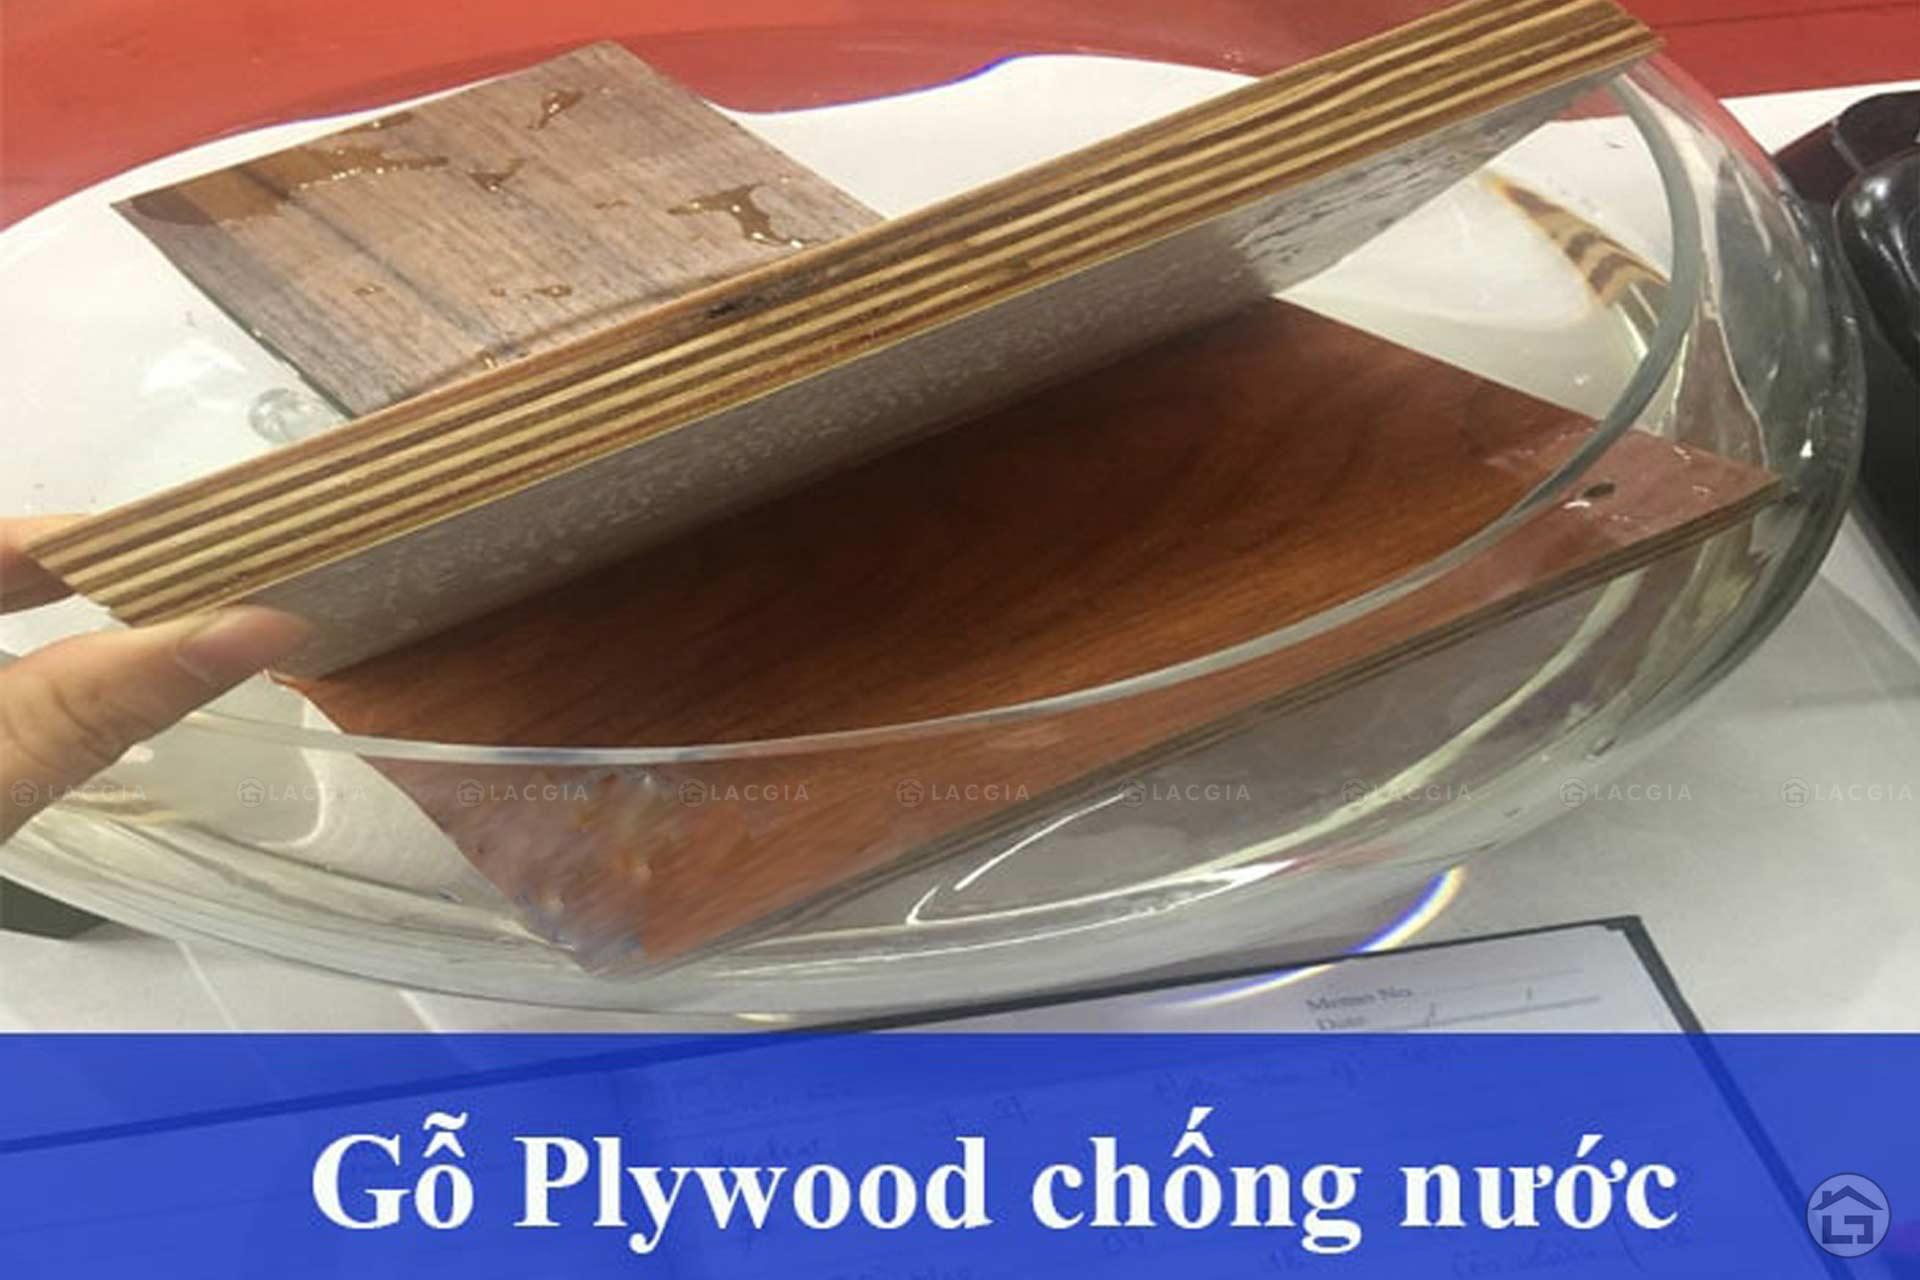 Gỗ Plywood sở hữu những thế mạnh riêng biệt về đặc tính